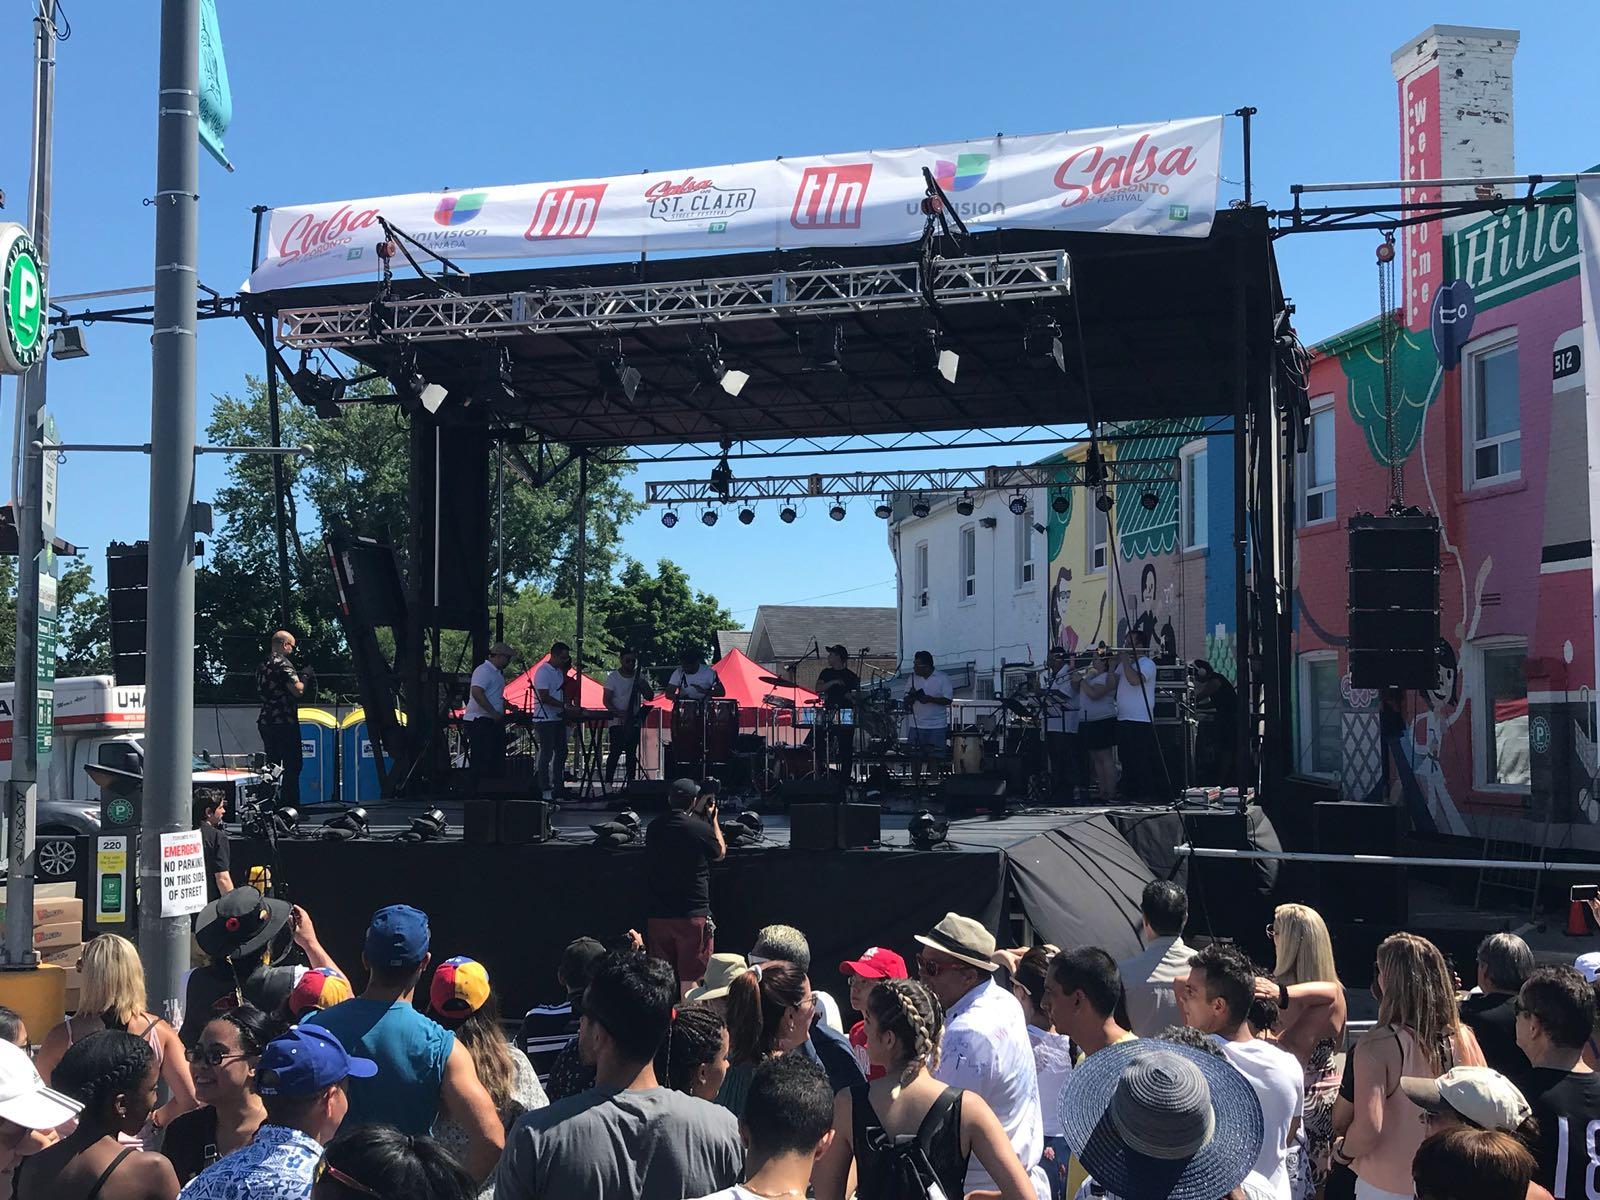 Salsa en St. Clair 2018